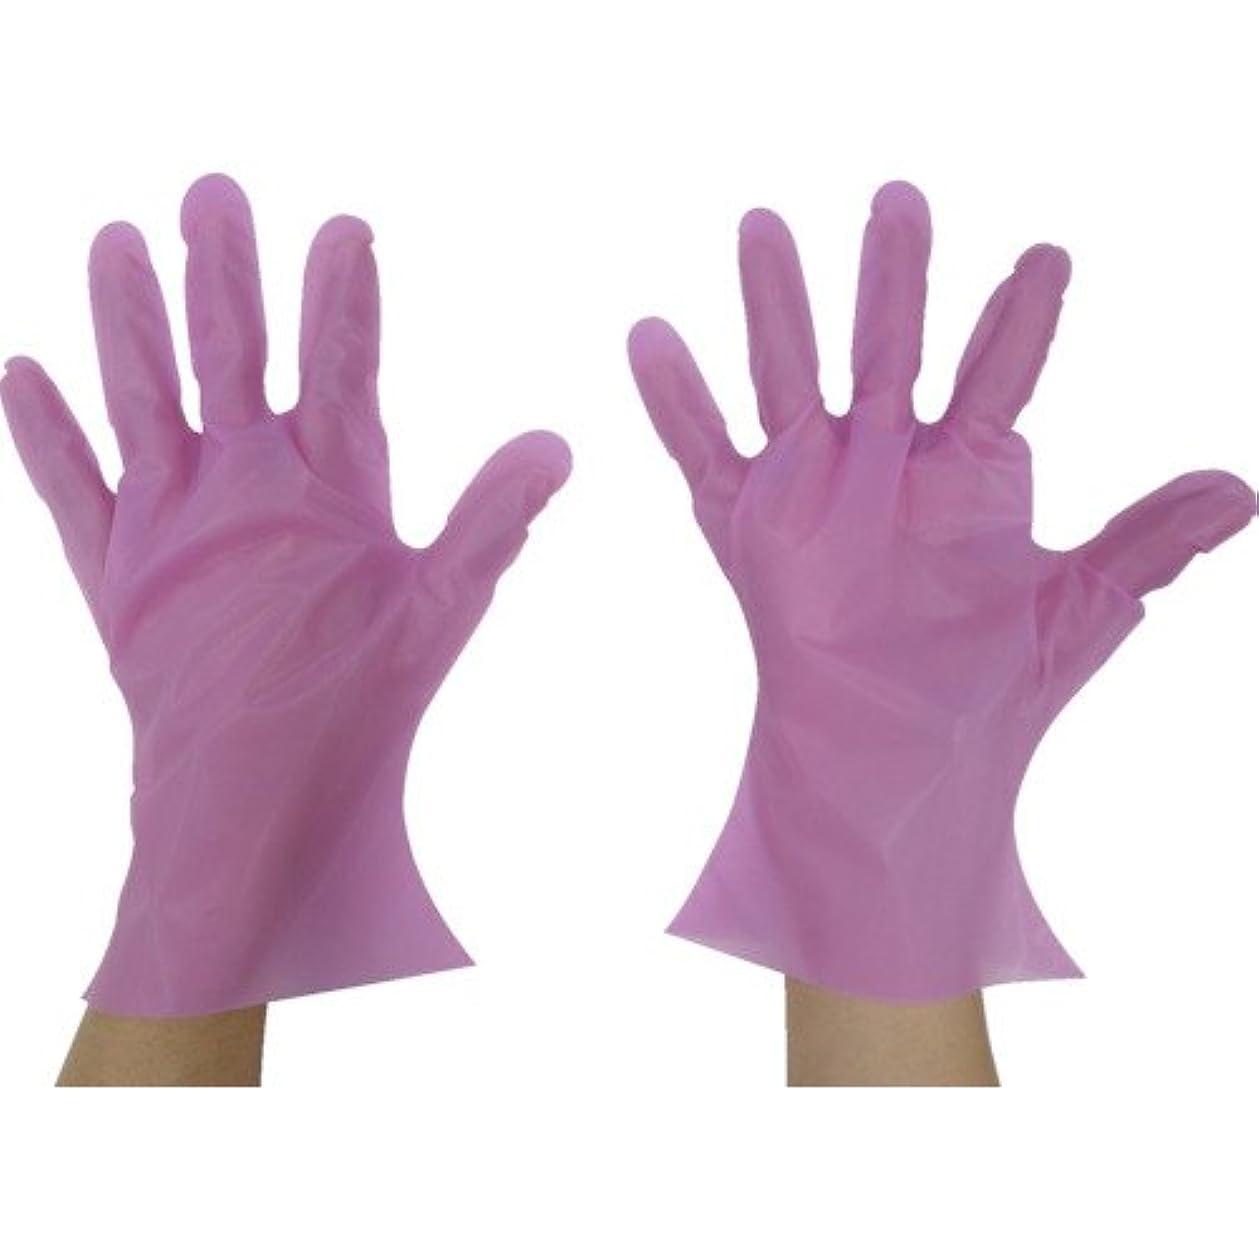 粒子エラーサイト東京パック マイジャストグローブエコノミー化粧箱MS ピンク(入数:200枚) PMJEK-MS